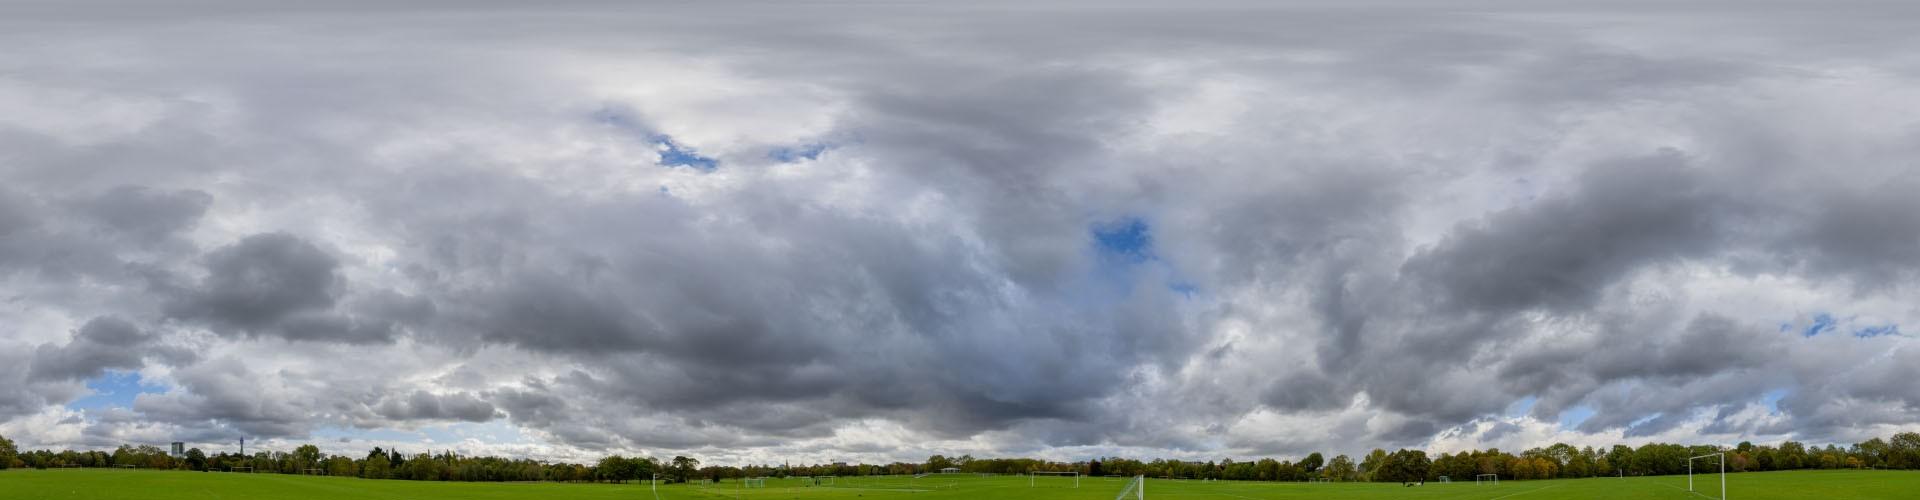 Stormy Clouds 6036 (30k) HDRI